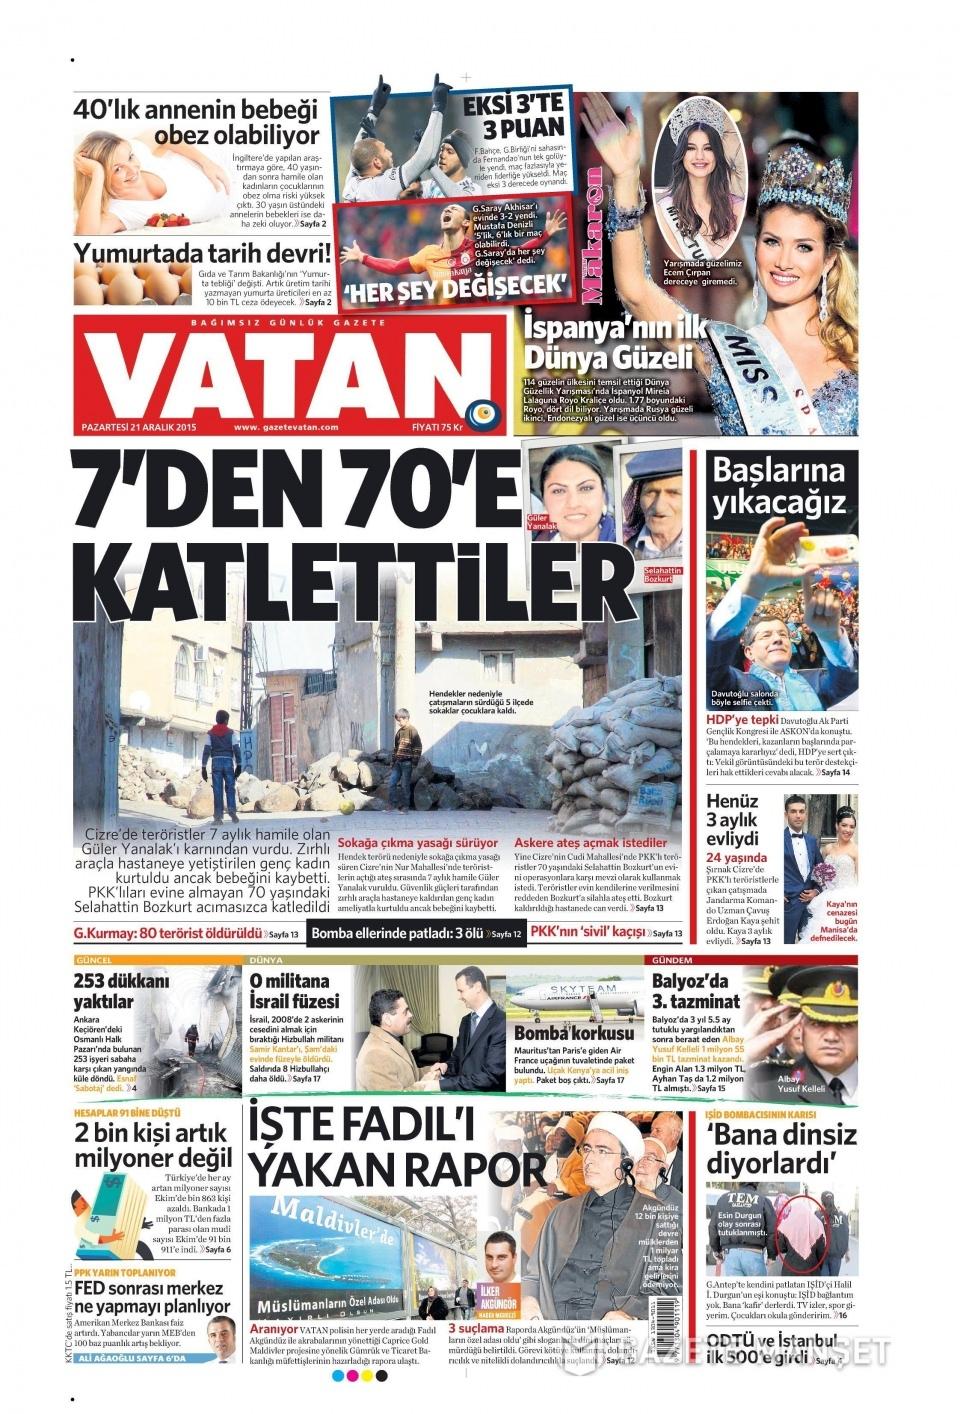 21 Aralık 2015 gazete manşetleri 21